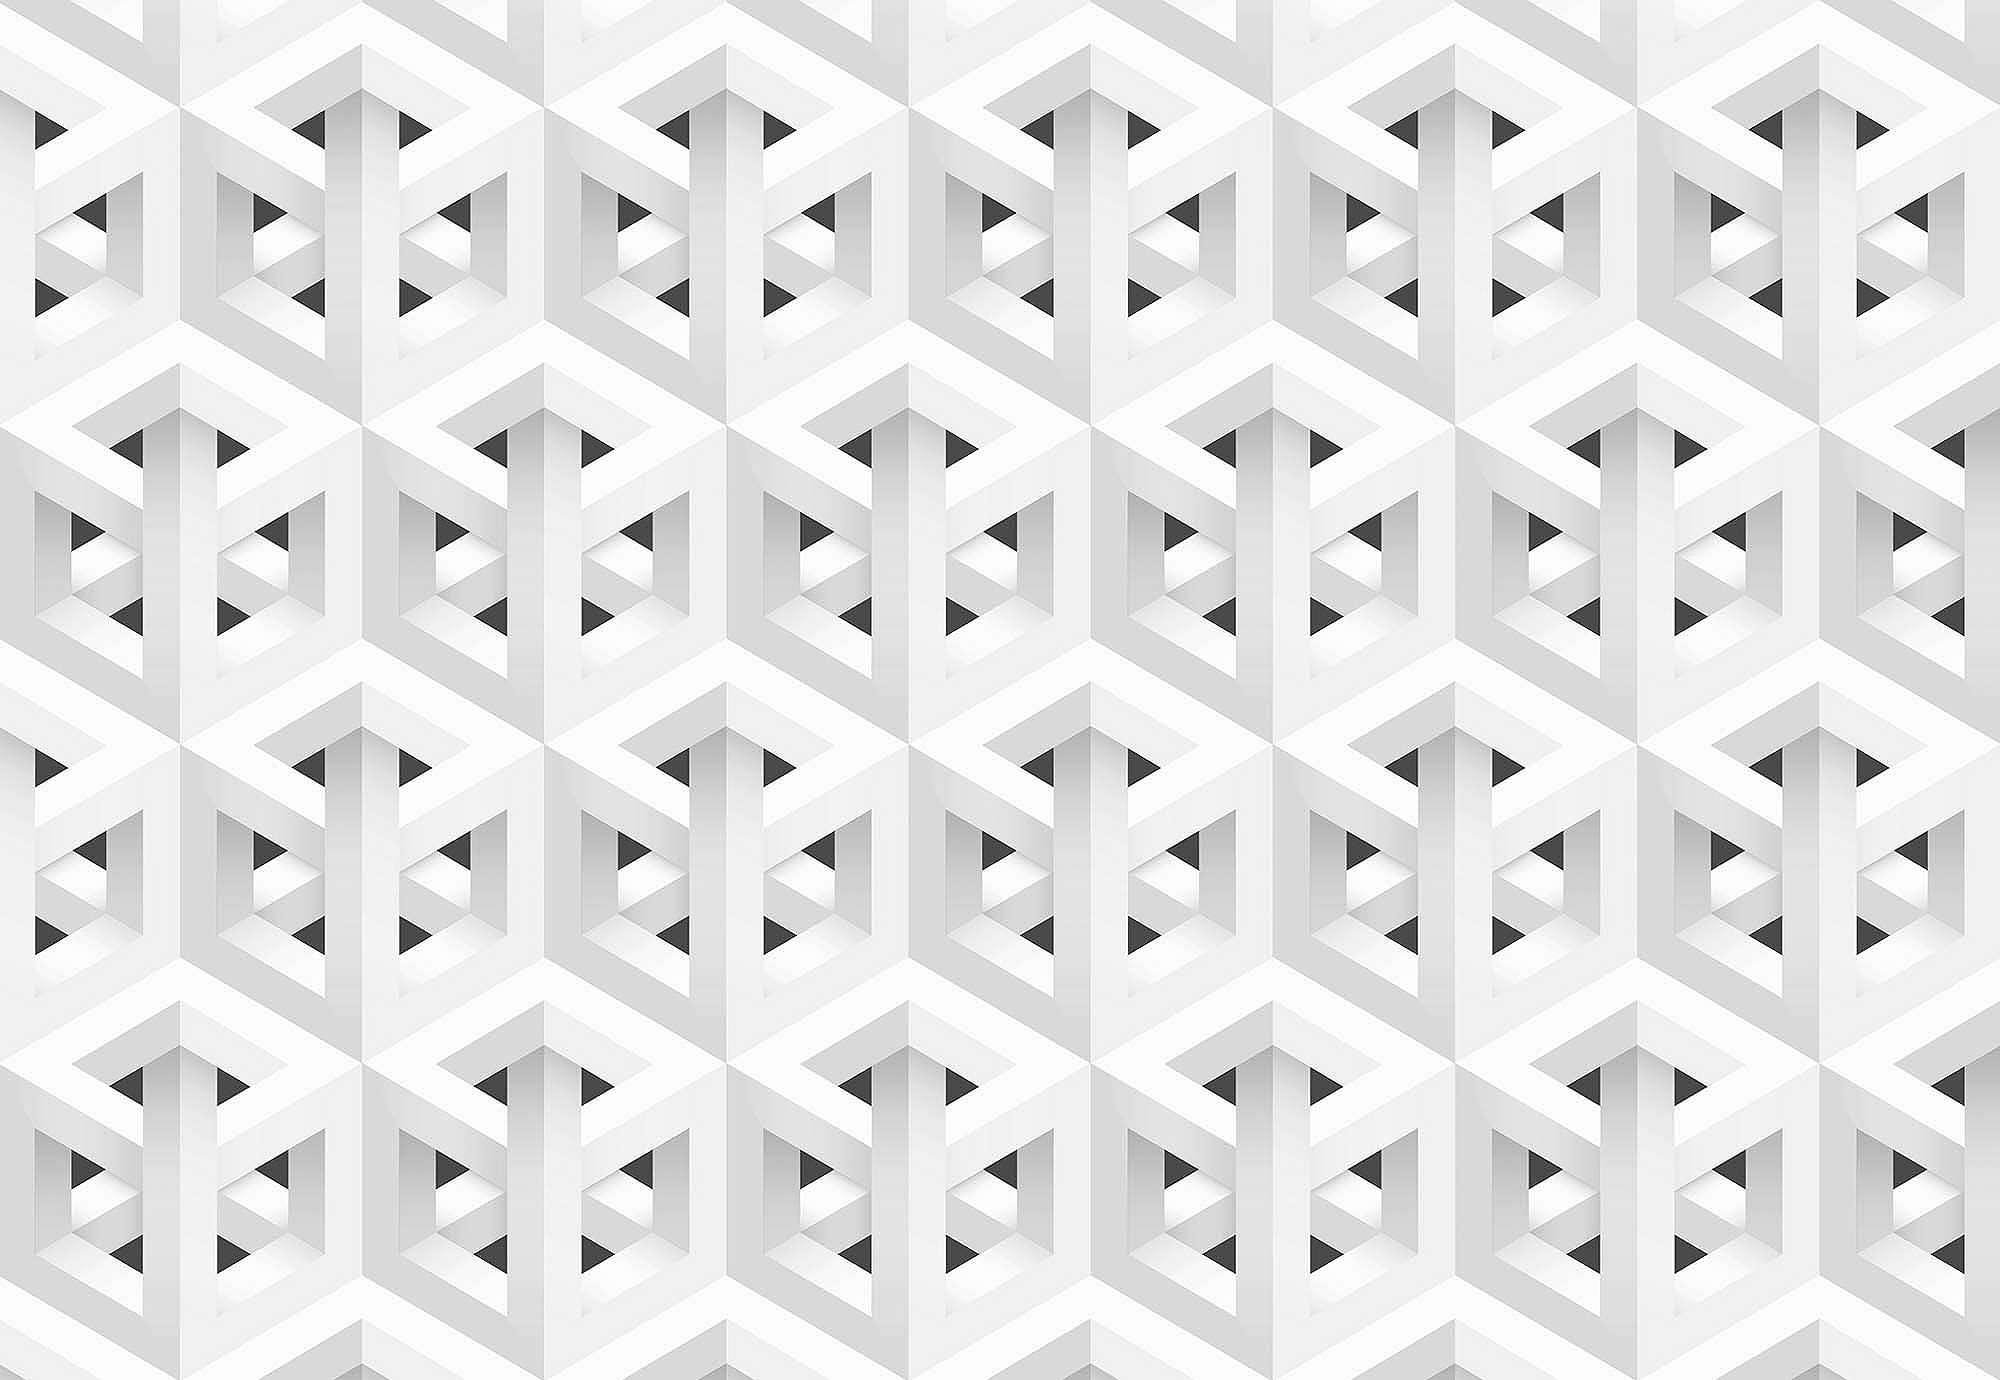 Fali poszter modern geometriai mintás fekete fehér színvilágban